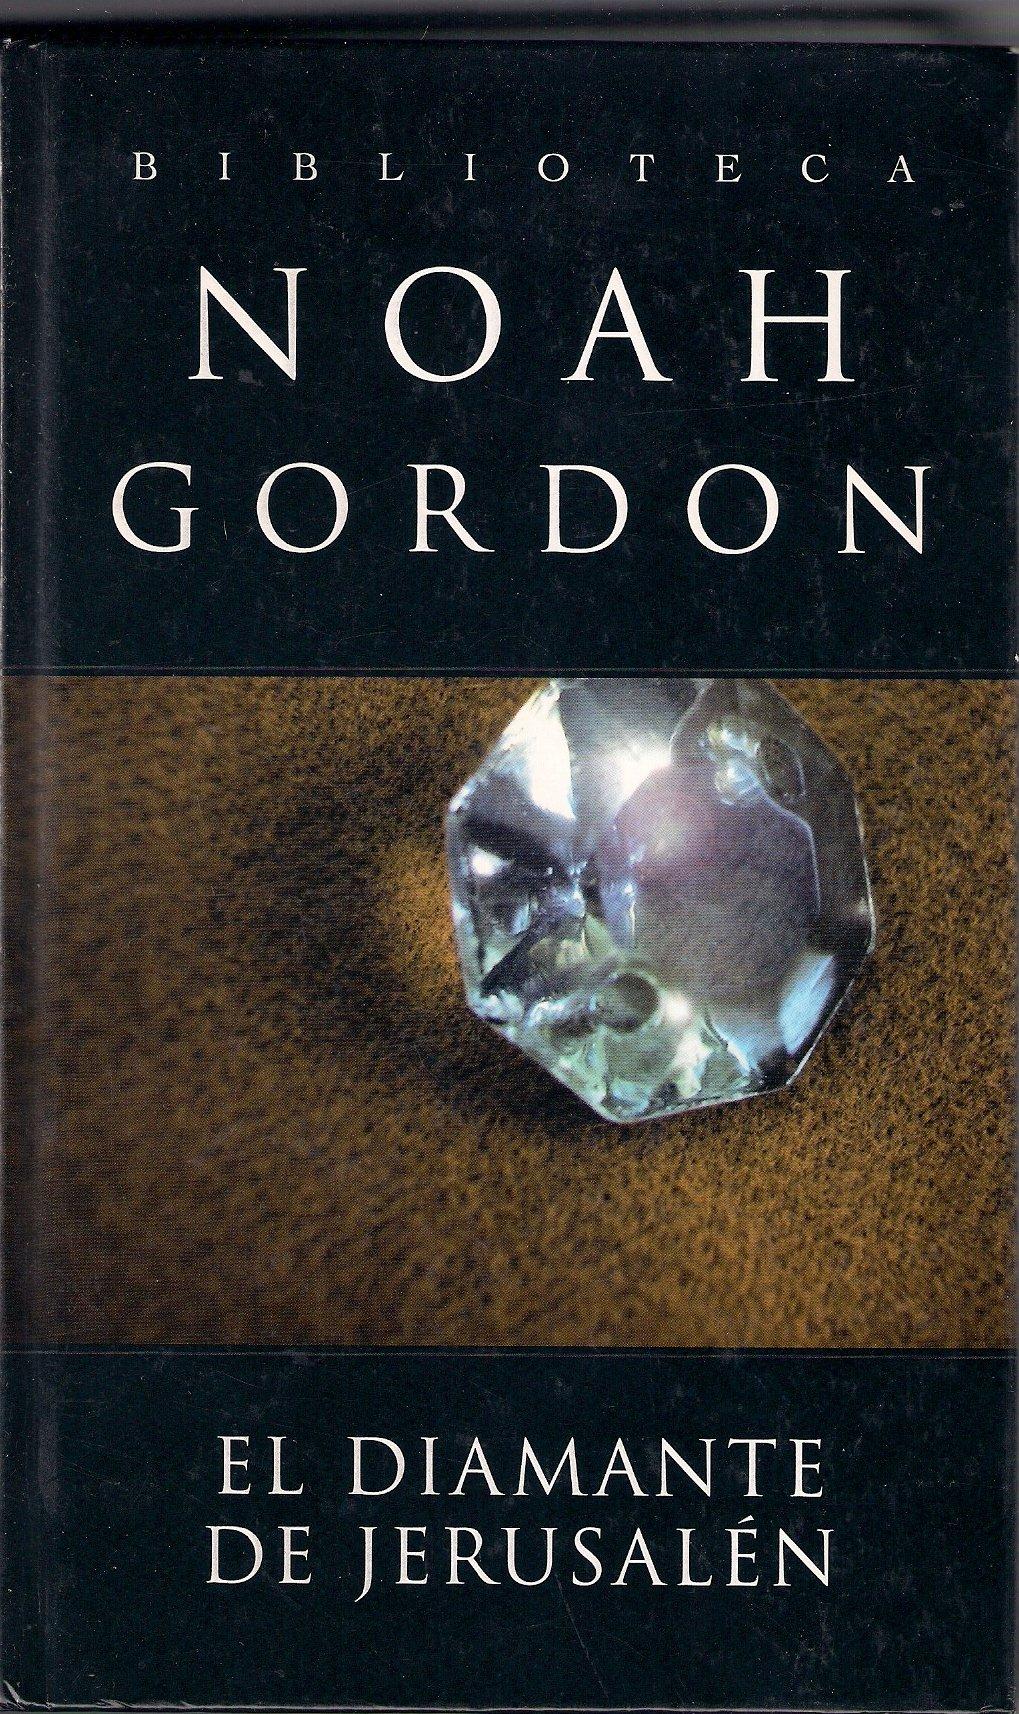 El diamante de Jerusalén: Amazon.es: Noah (Worcester, Massachusetts, EE UU,  11 de noviembre de 1926) GORDON: Libros